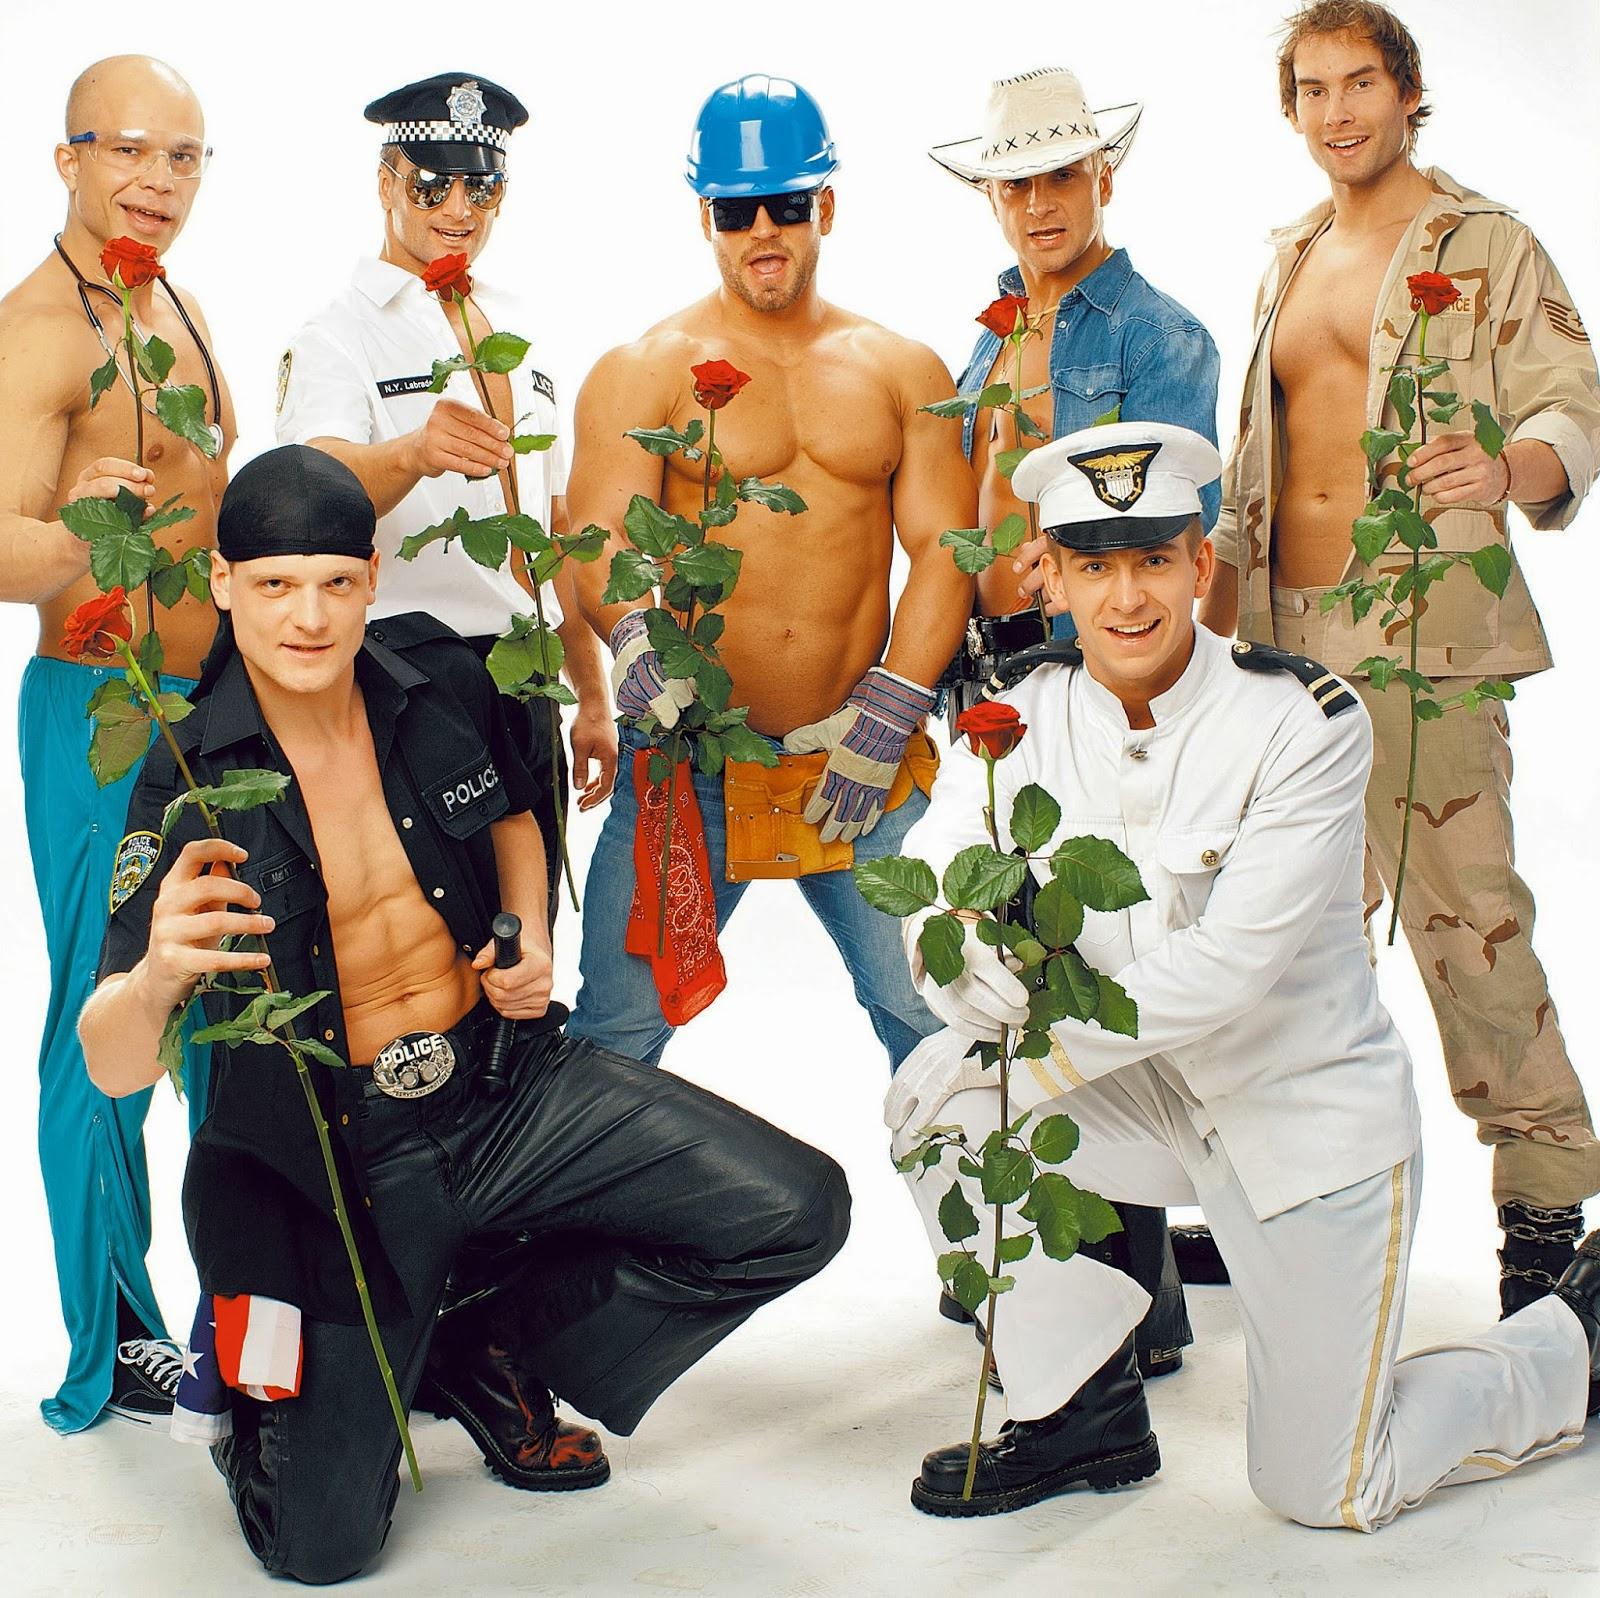 Sex Zdjęcia Fotki Erotyczne Porno Galerie  Hotjpgpl